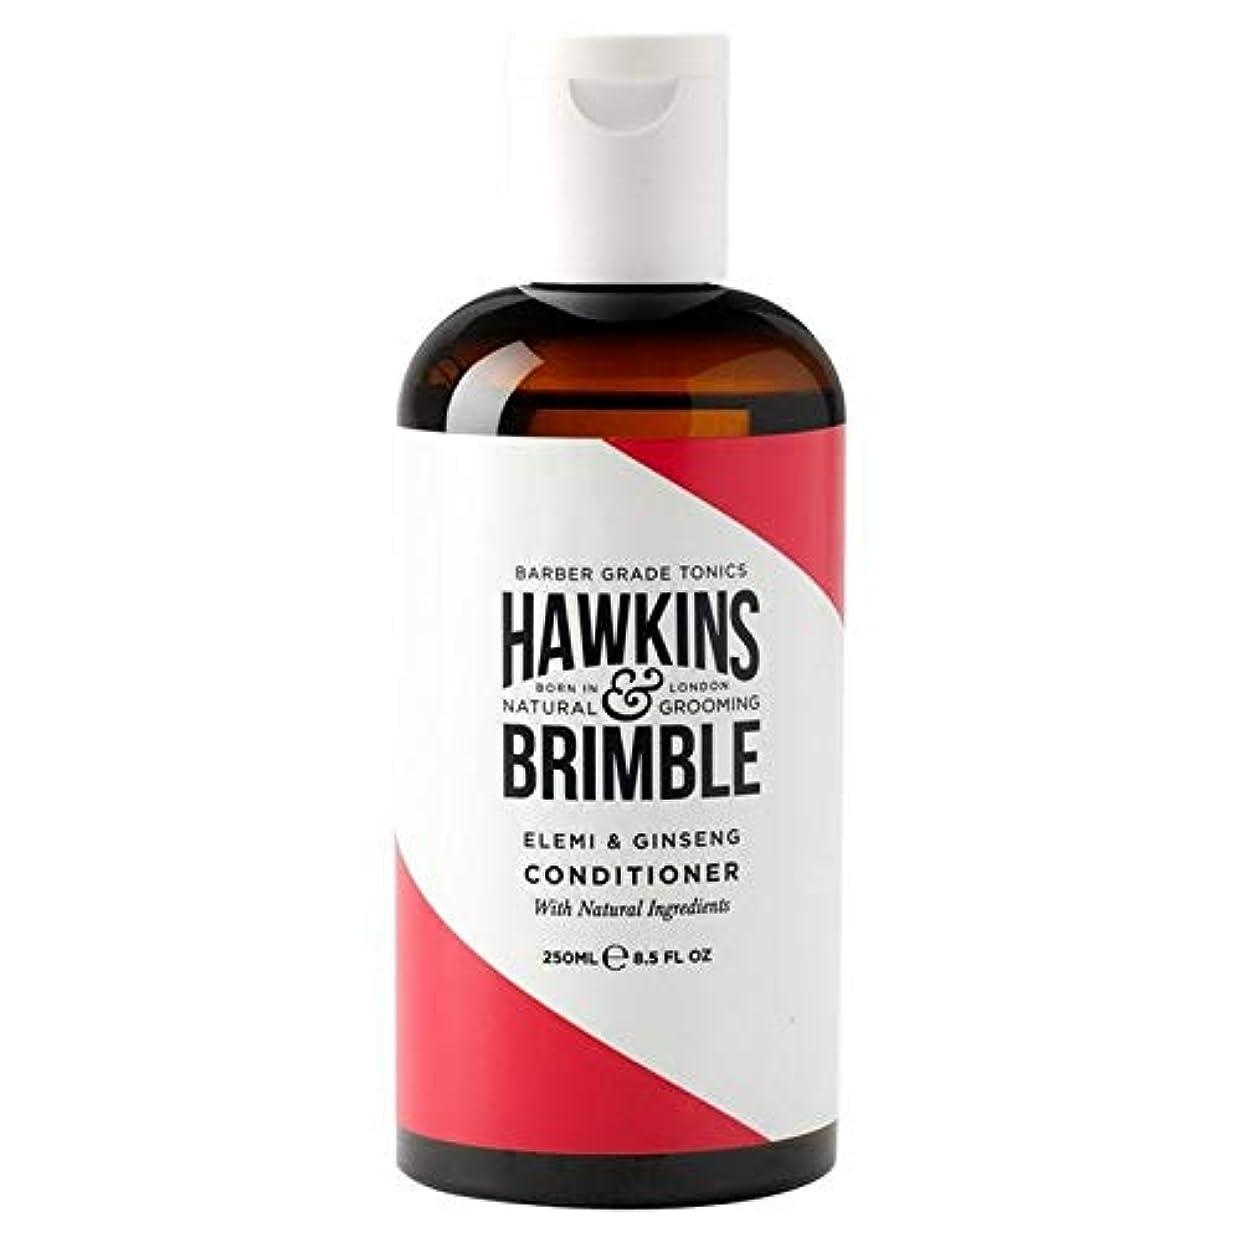 延期するキャメルシャンパン[Hawkins & Brimble] ホーキンス&Brimbleナチュラルコンディショナー250Ml - Hawkins & Brimble Natural Conditioner 250ml [並行輸入品]